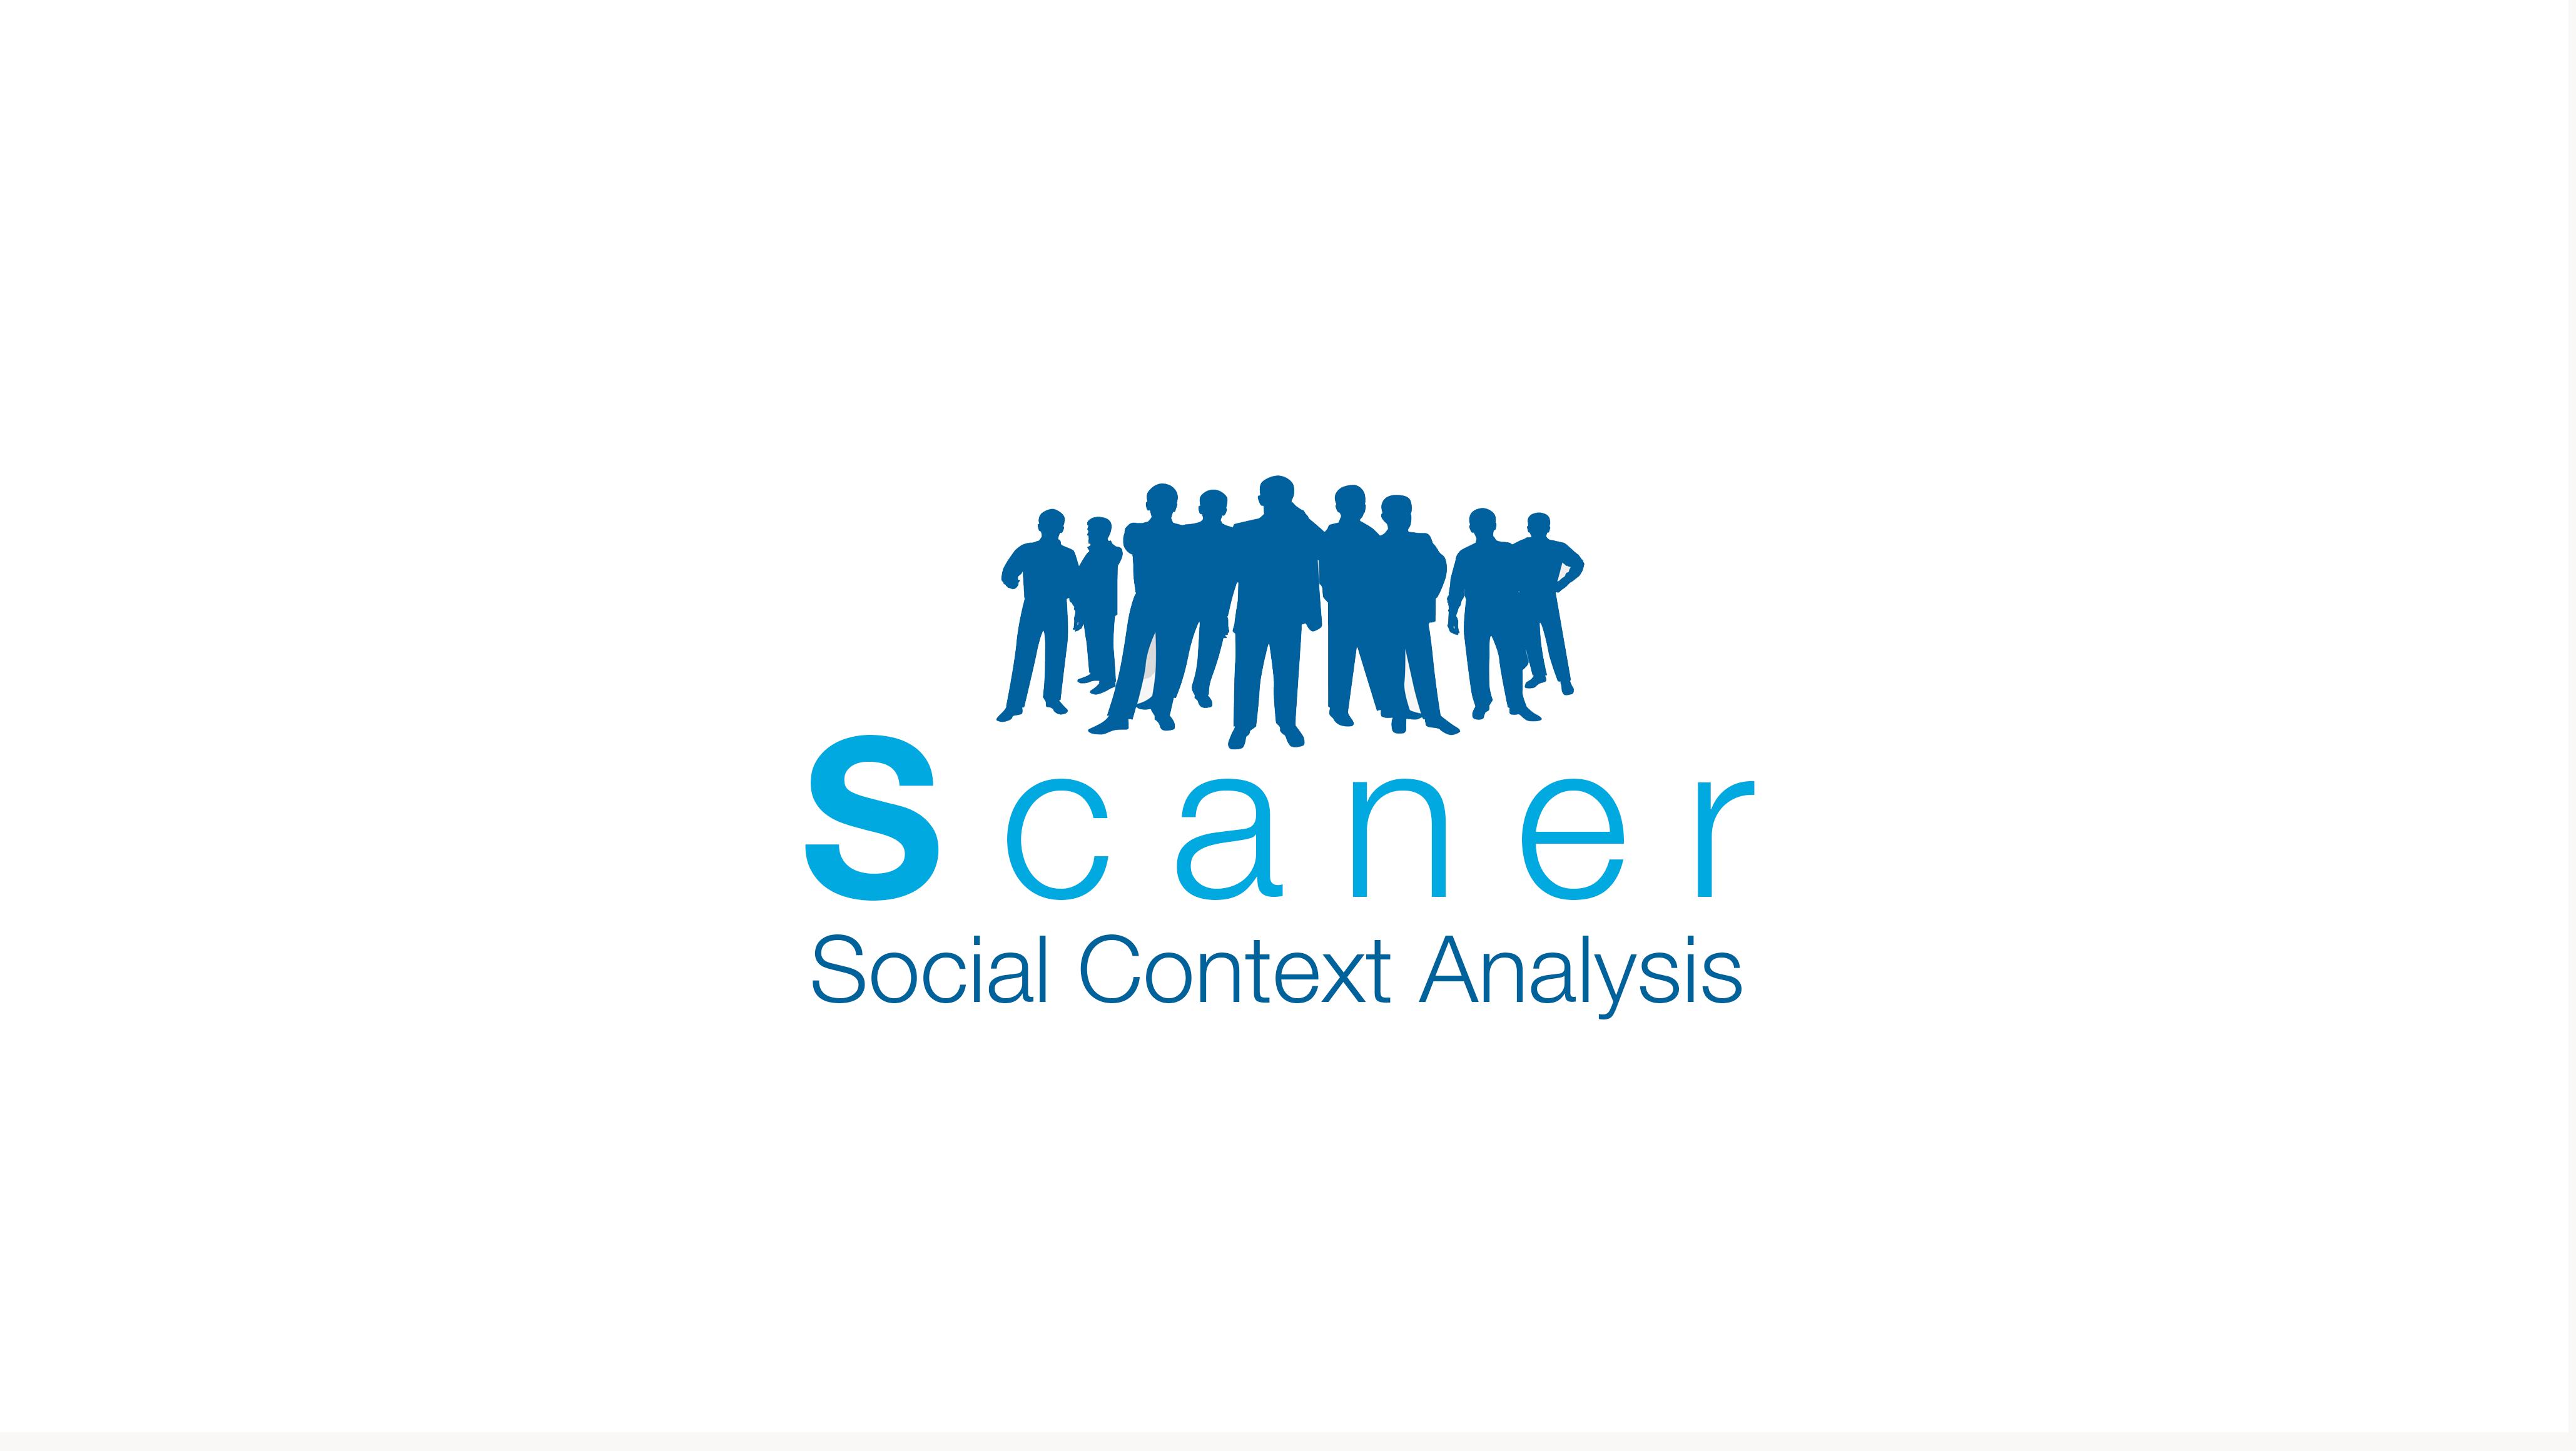 readthedocs/logos/scaner_logo_2.png